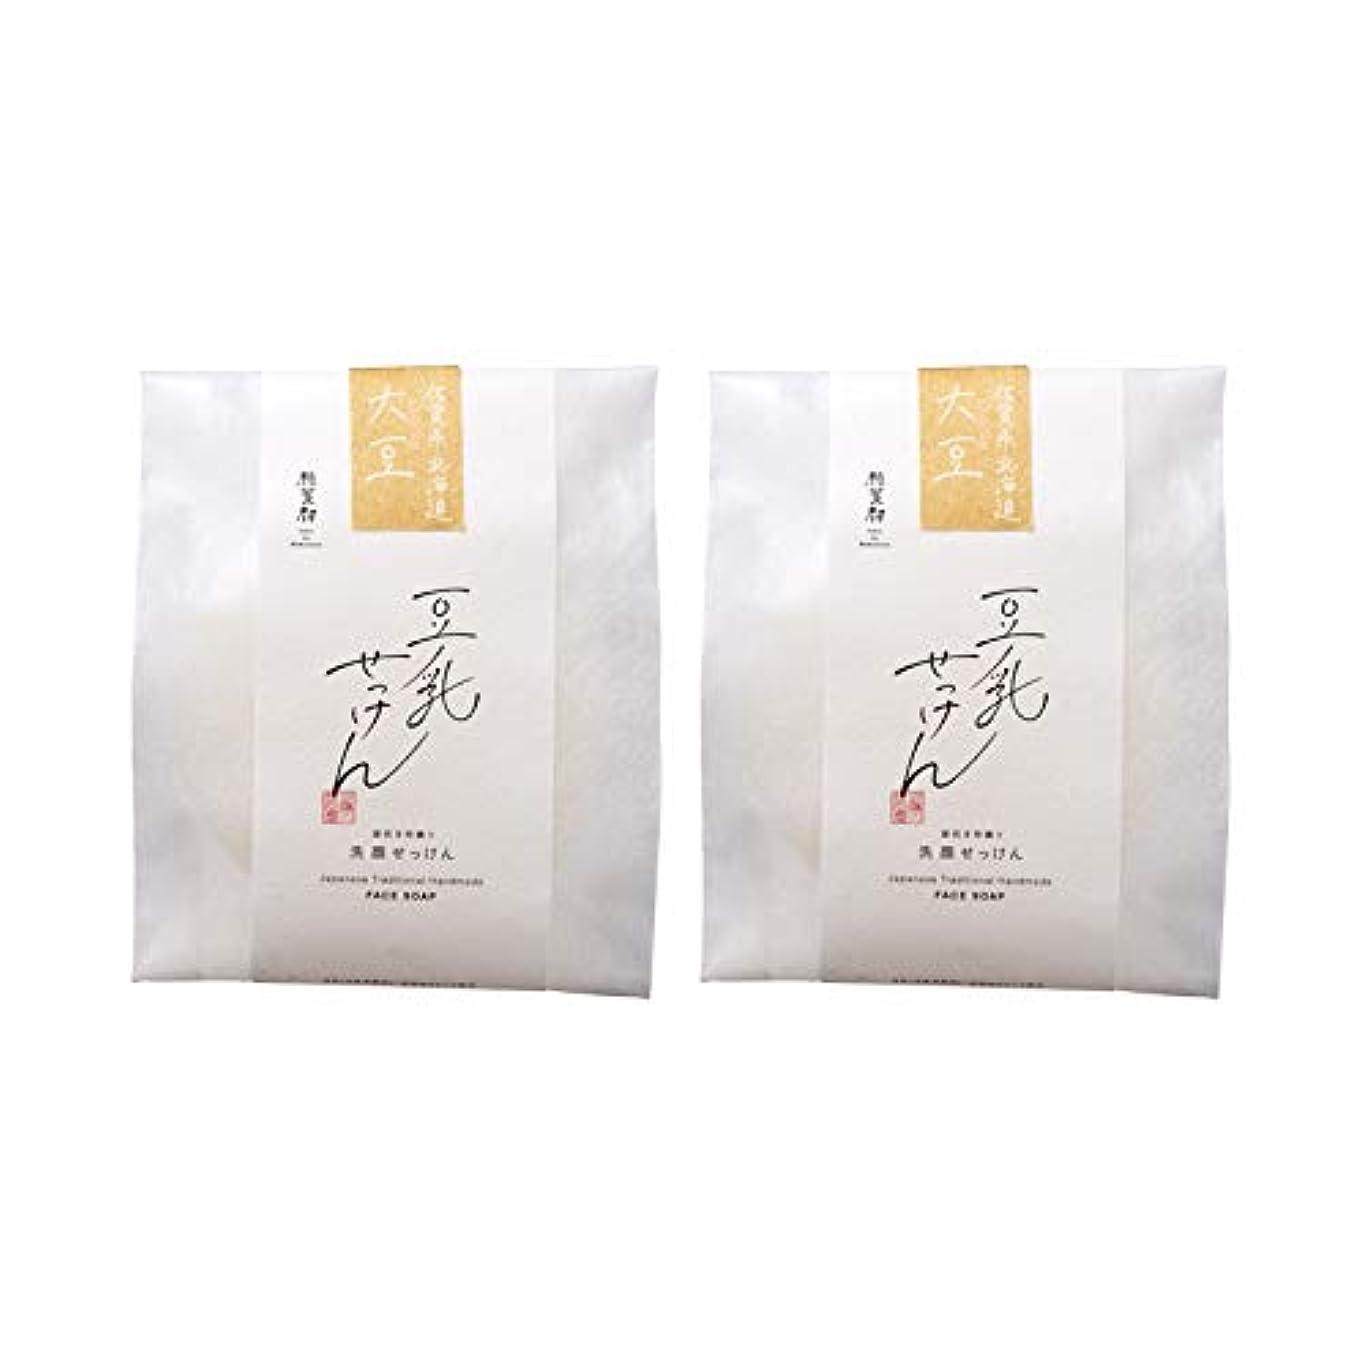 酸上昇マスク豆腐の盛田屋 豆乳せっけん 自然生活 100g×2個セット